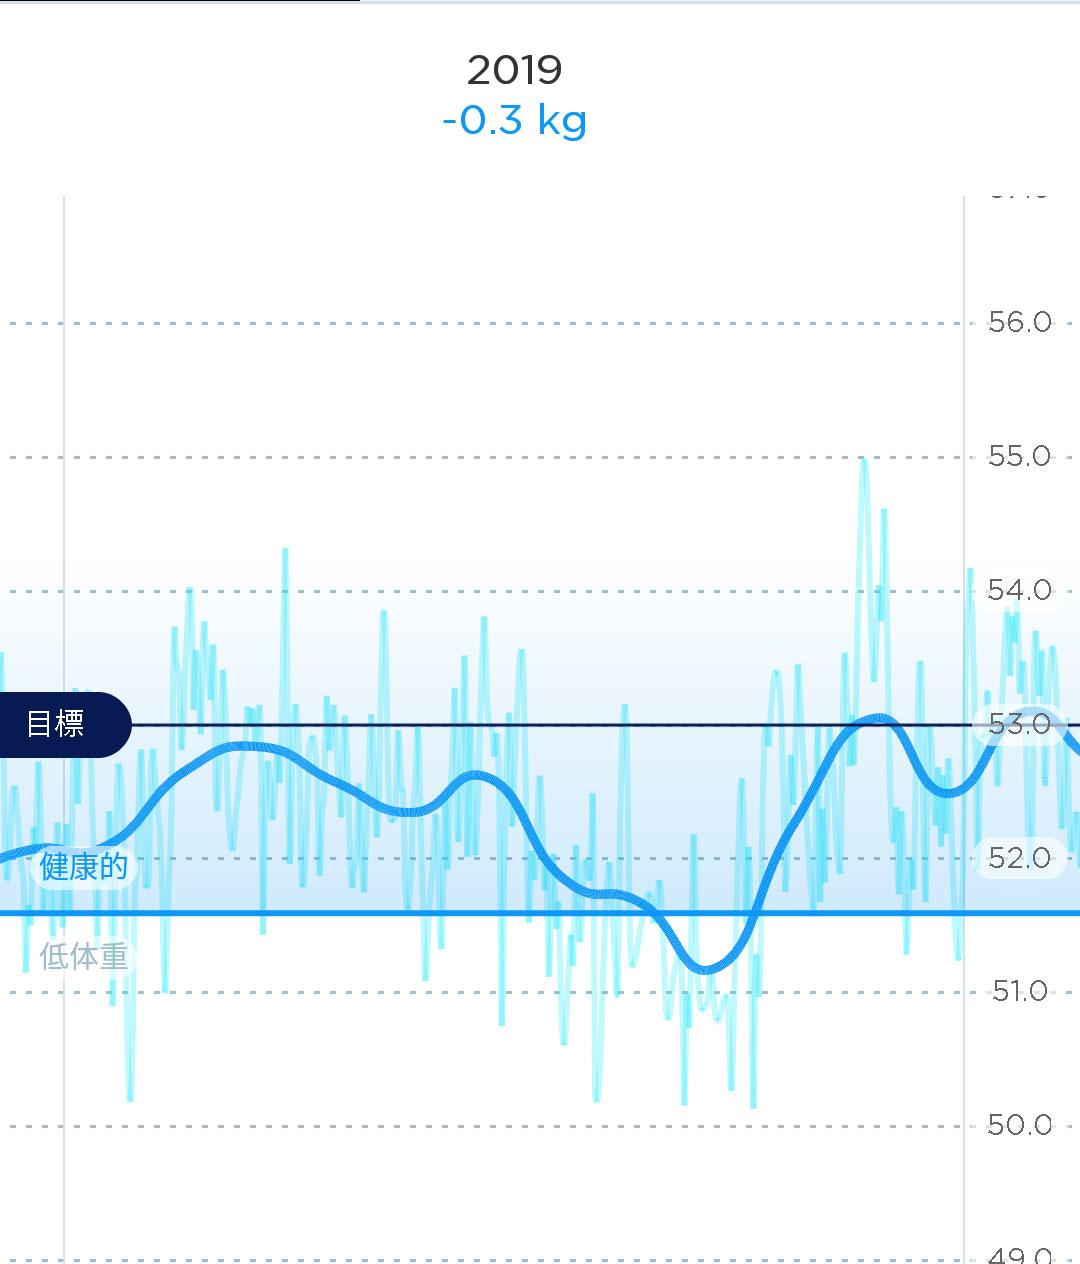 2019年の体重の推移